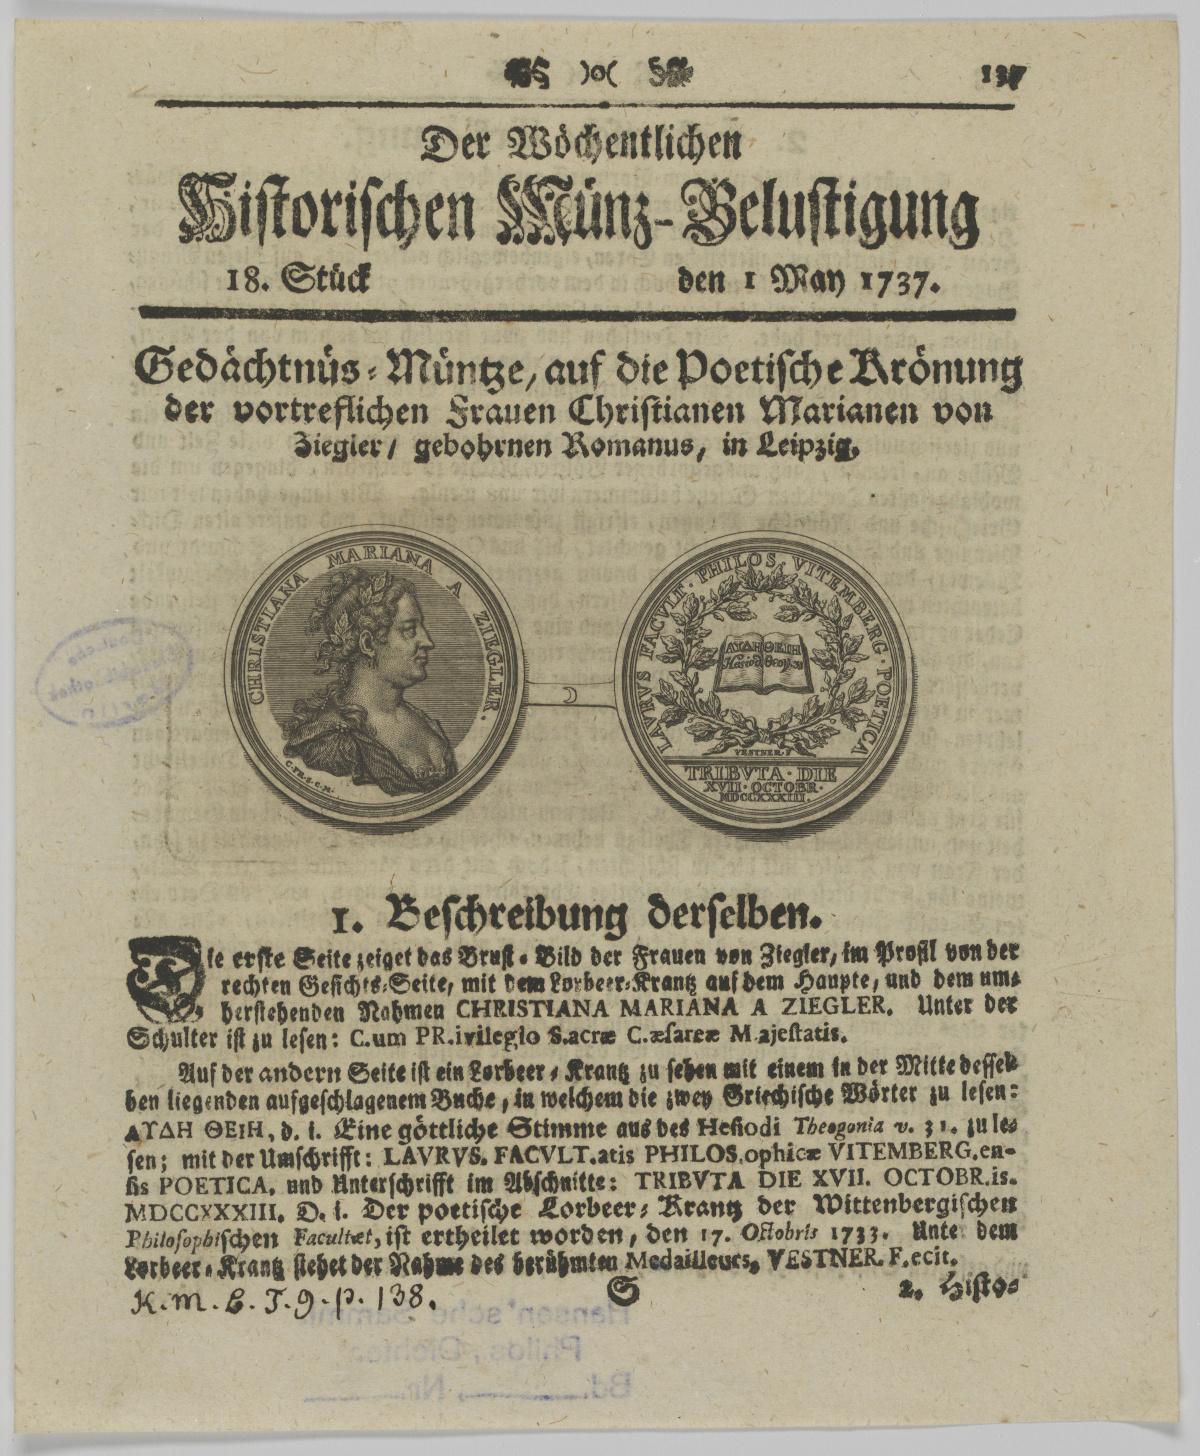 """in: Köhler, Johann David: Wöchentliche historische Münz-Belustigung. Nürnberg, 01.05.1737, S. 197. (Ex. SB Berlin – Preußischer Kulturbesitz, Handschriftenabteilung, Inventar-Nr. Portr. Slg/ Slg Hansen/ Philos., Dichter/ Bd. 22/ Nr. 45) <br>Quelle: <a href=""""http://www.portraitindex.de/bilder/zoom/sbb-003095"""">Digitaler Portraitindex der druckgraphischen Bildnisse der Frühen Neuzeit</a> <br>Lizenz: <a href=""""https://creativecommons.org/licenses/by-nc-sa/4.0/"""">Creative Commons BY-NC-SA 4.0 International</a>"""